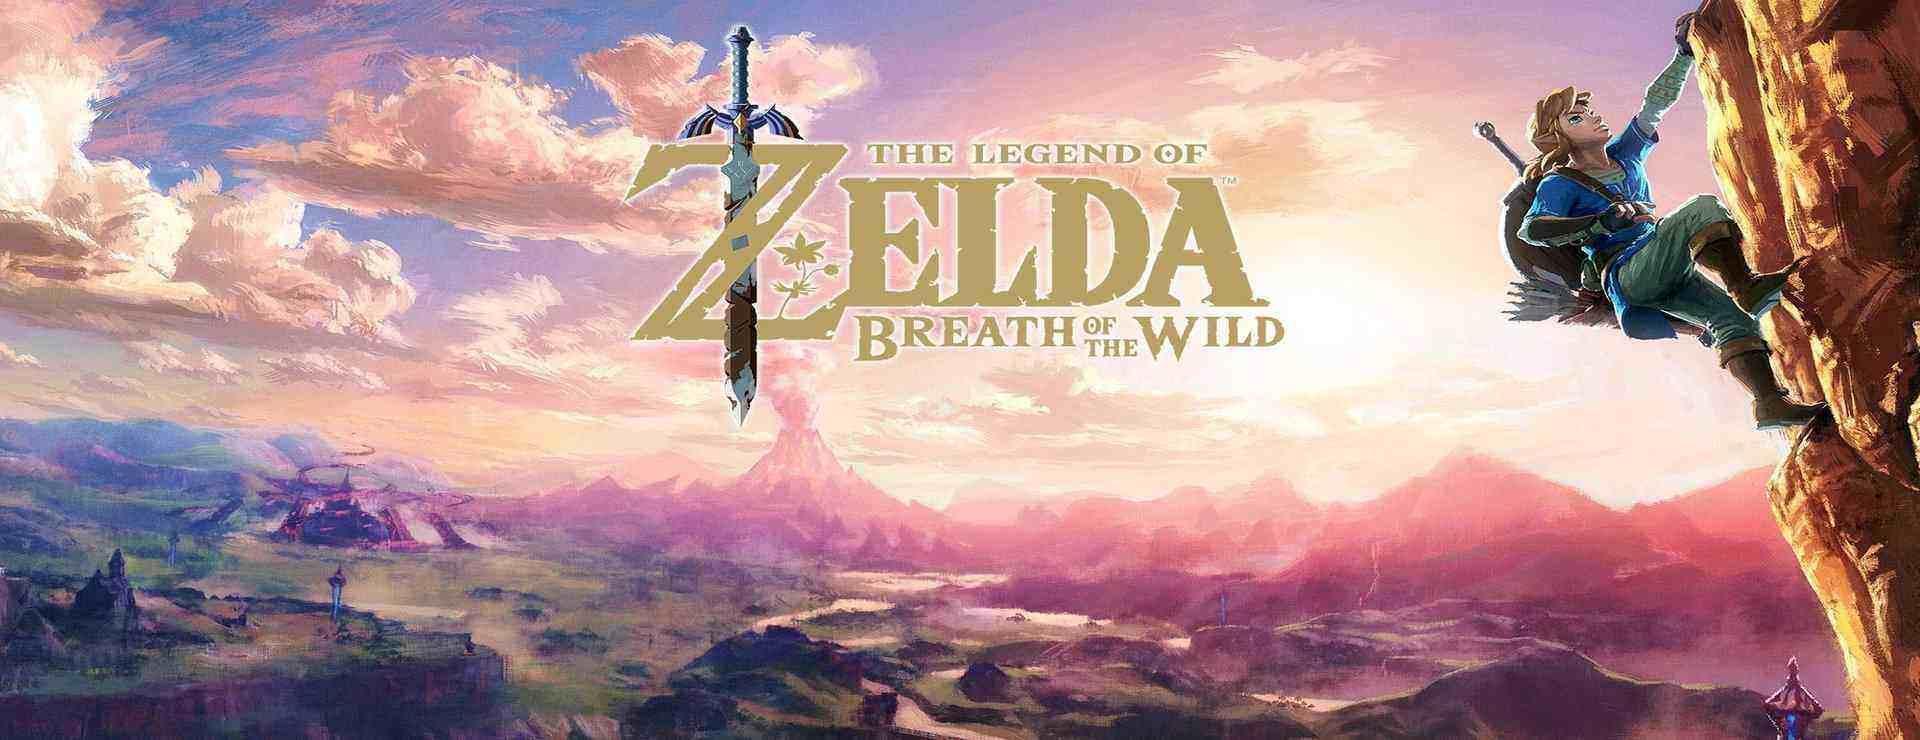 Nintendo Switch, Wii U